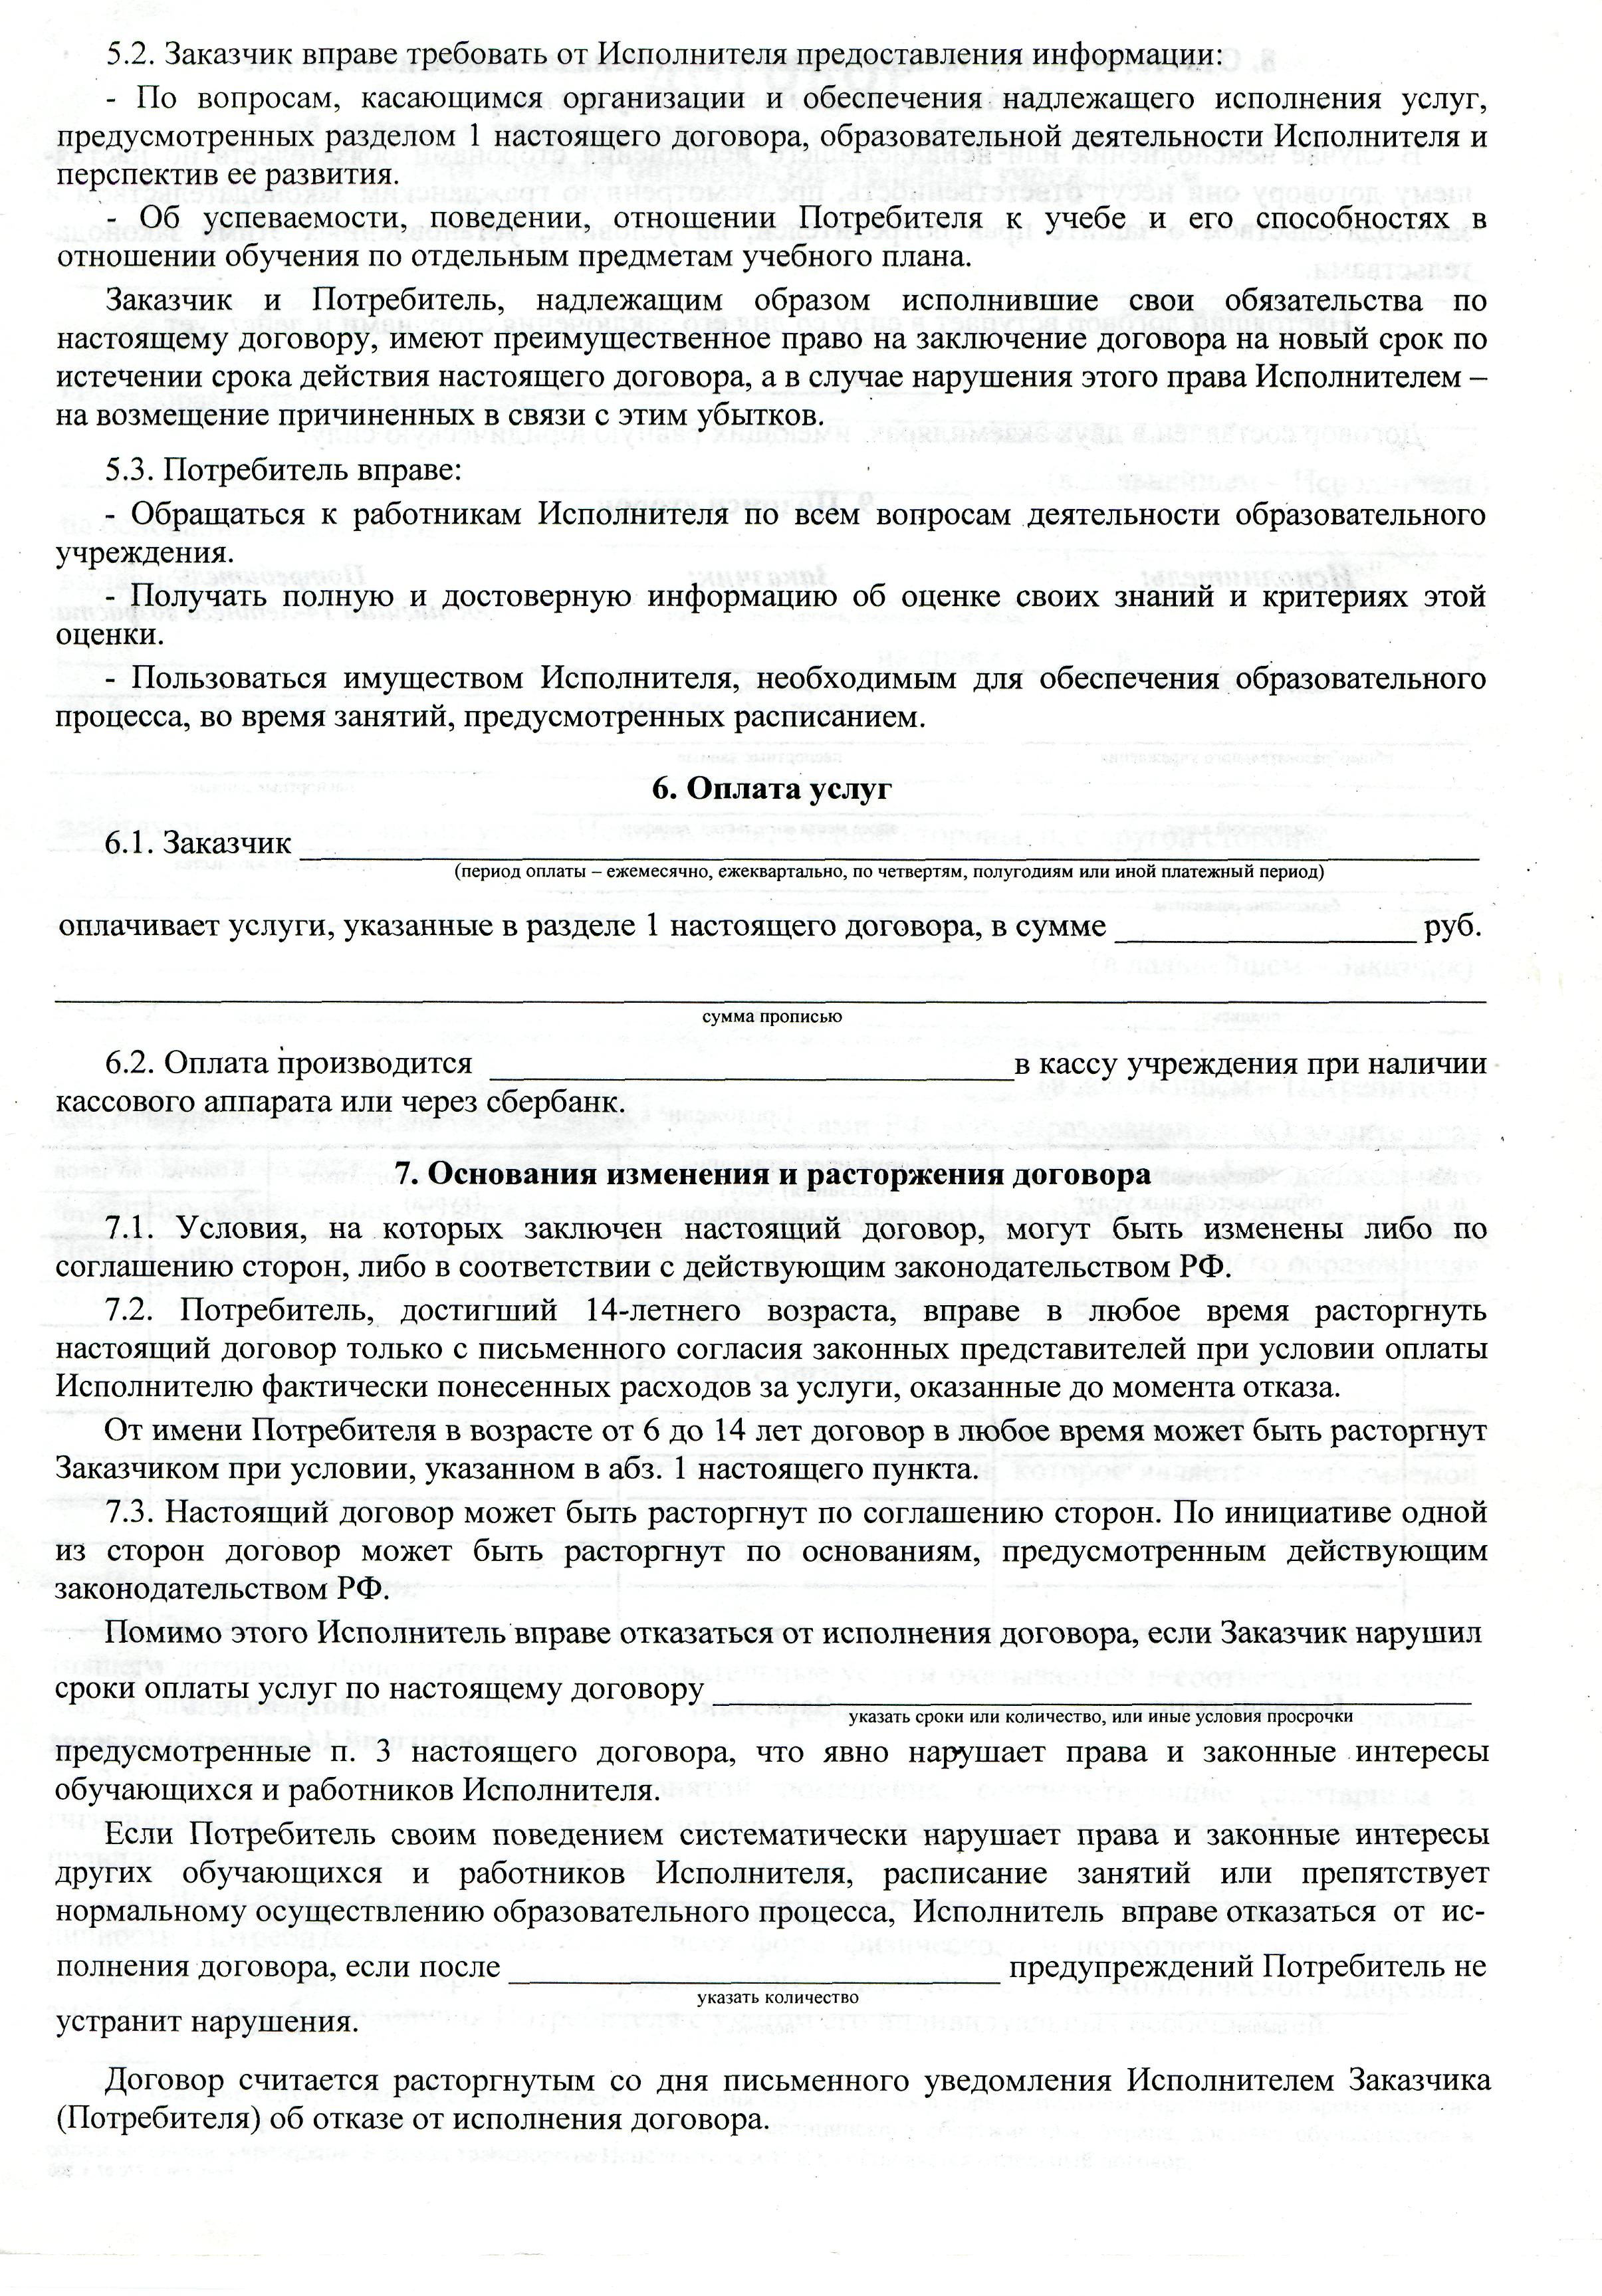 obrazec-dogovora-ob-okazanii-platnyx-obrazovatelnyx-uslug-3